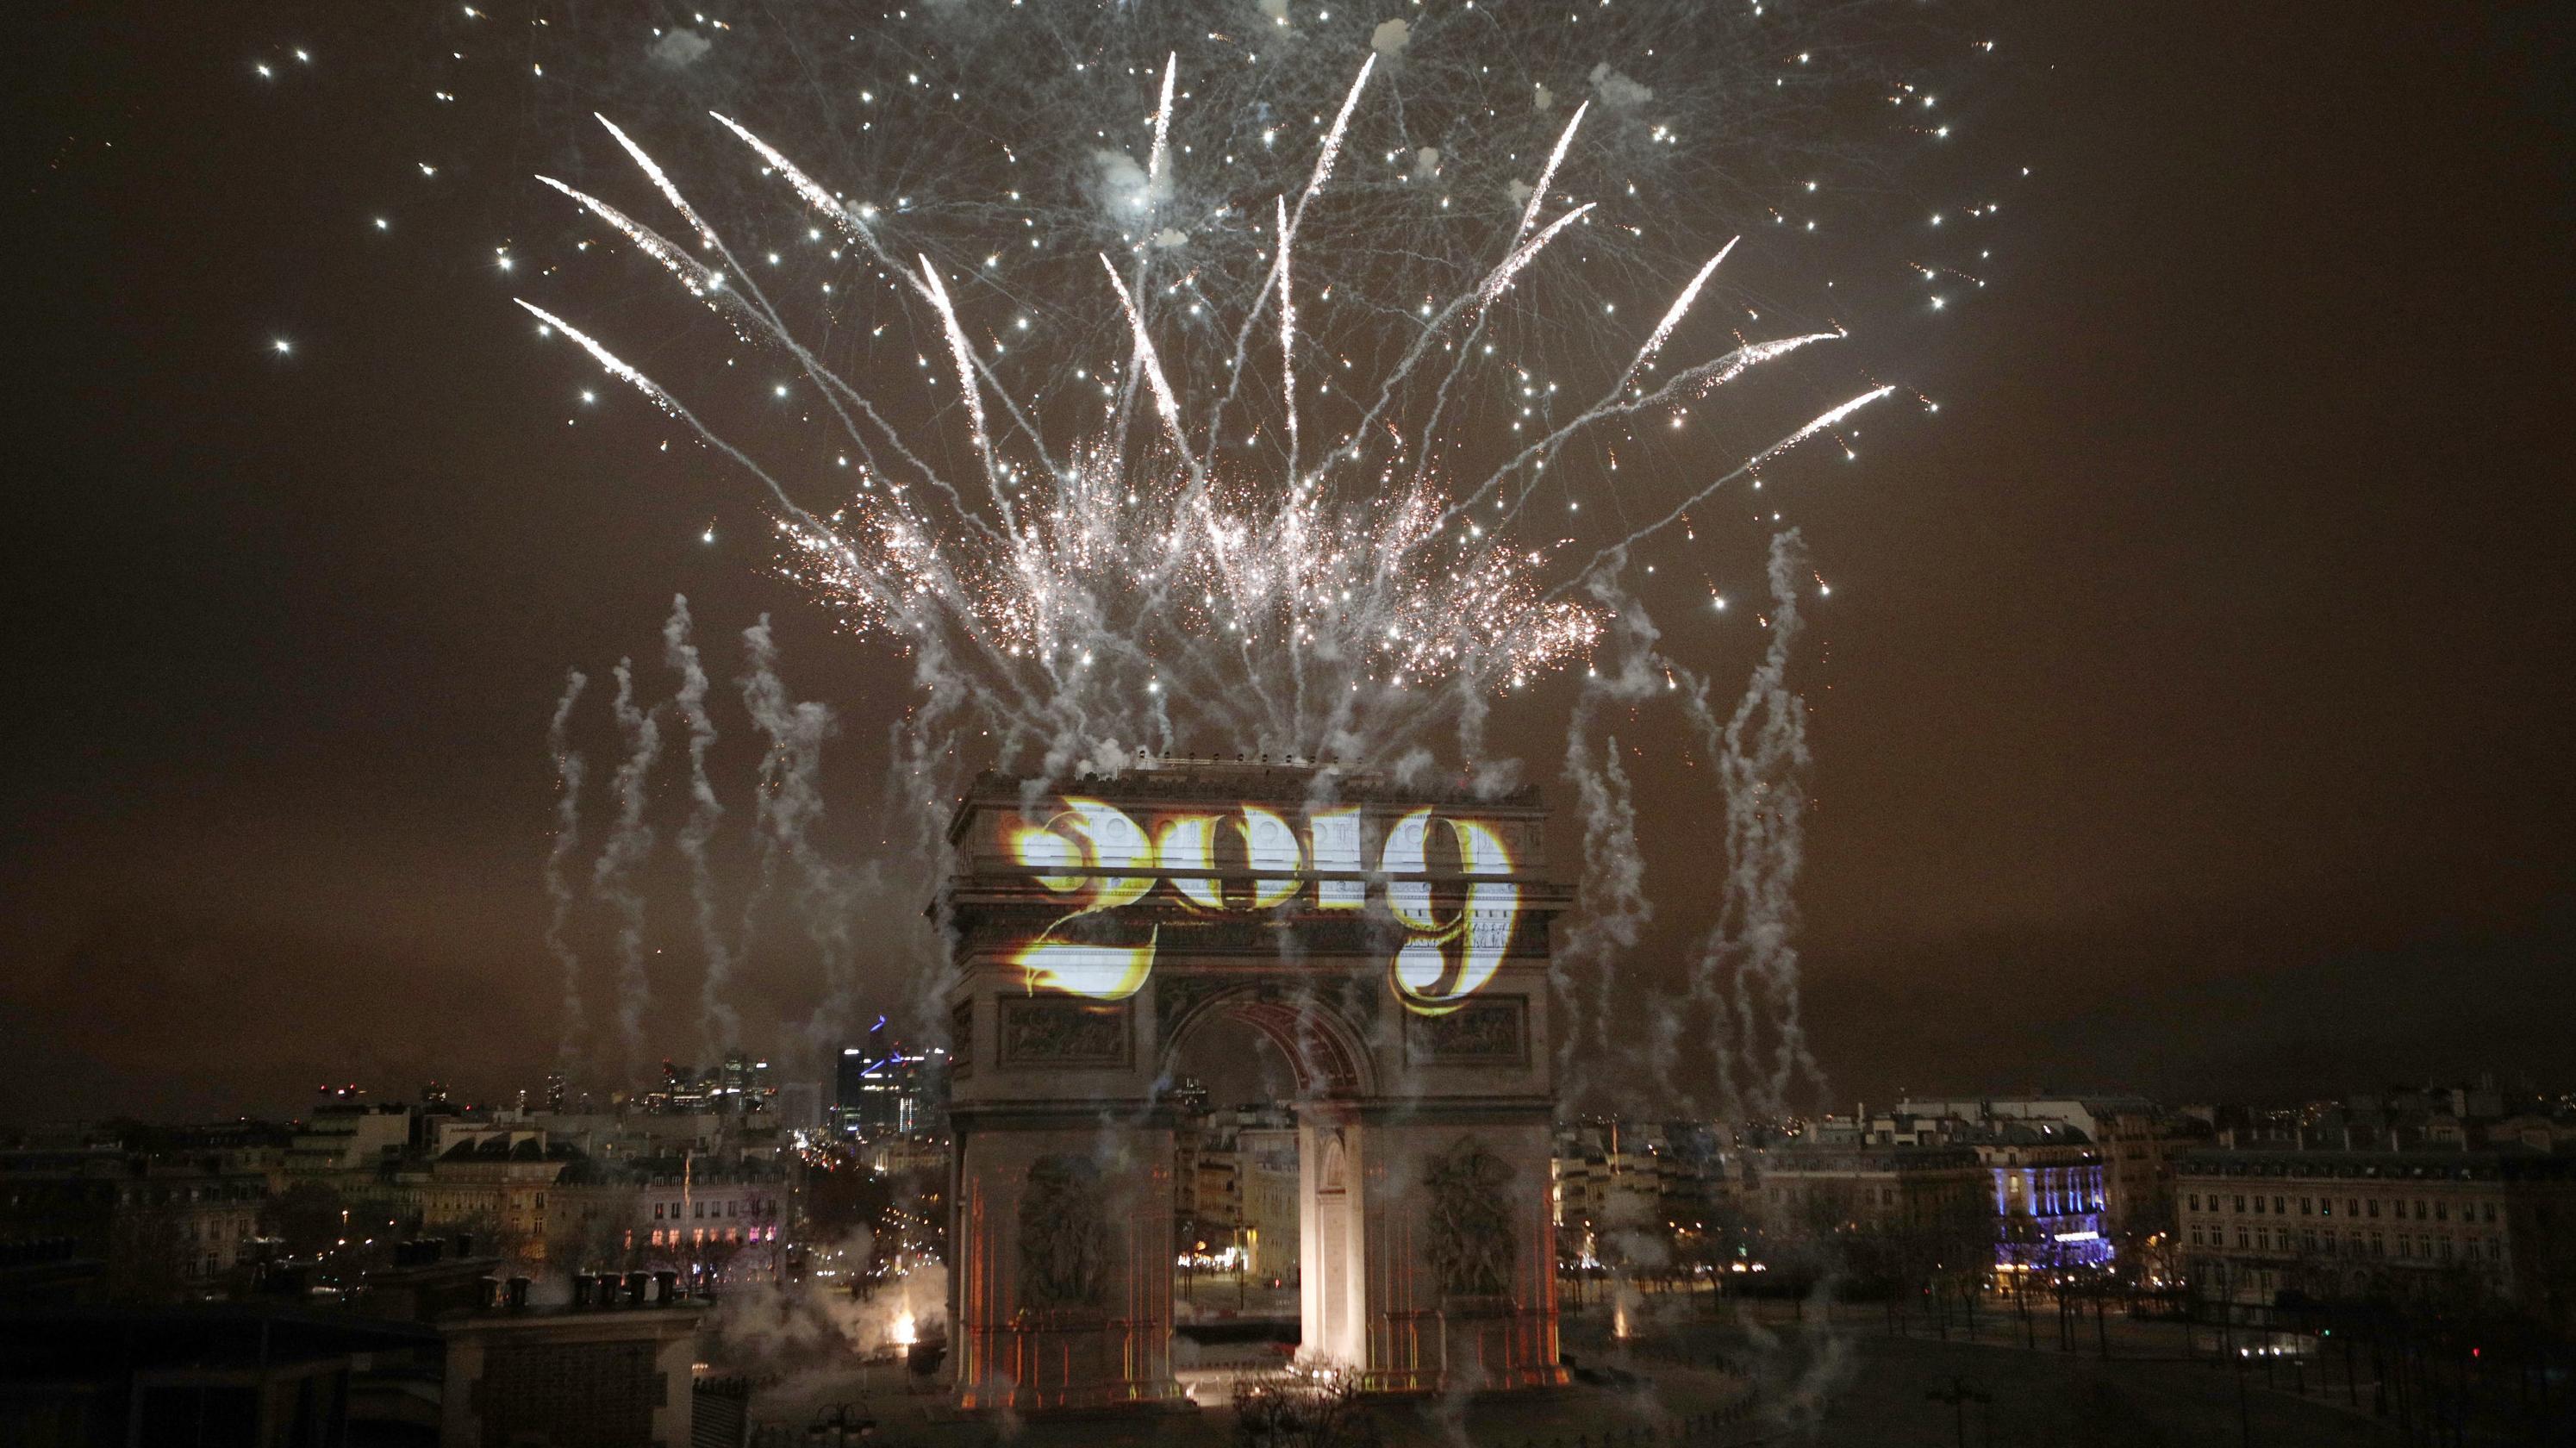 """Paris begrüßte das neue Jahr mit einem Feuerwerk über dem Arc de Triomphe. Auf den Triumphbogen wurde """"2019"""" projiziert.."""